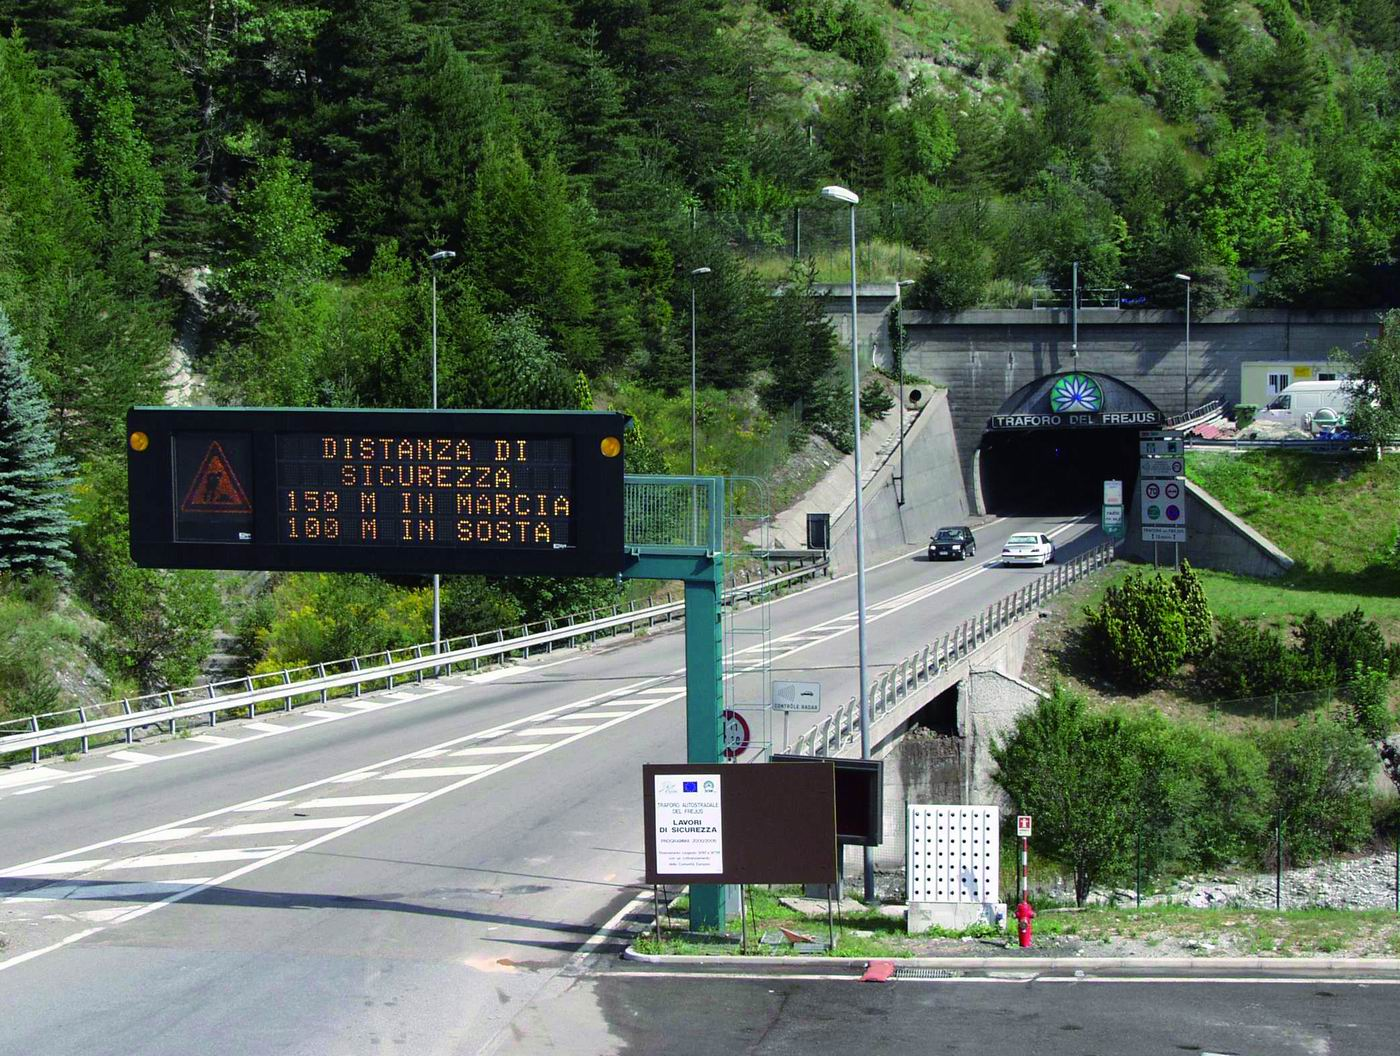 Fréjus Tünelini Kullanacak Araçların Dikkatine